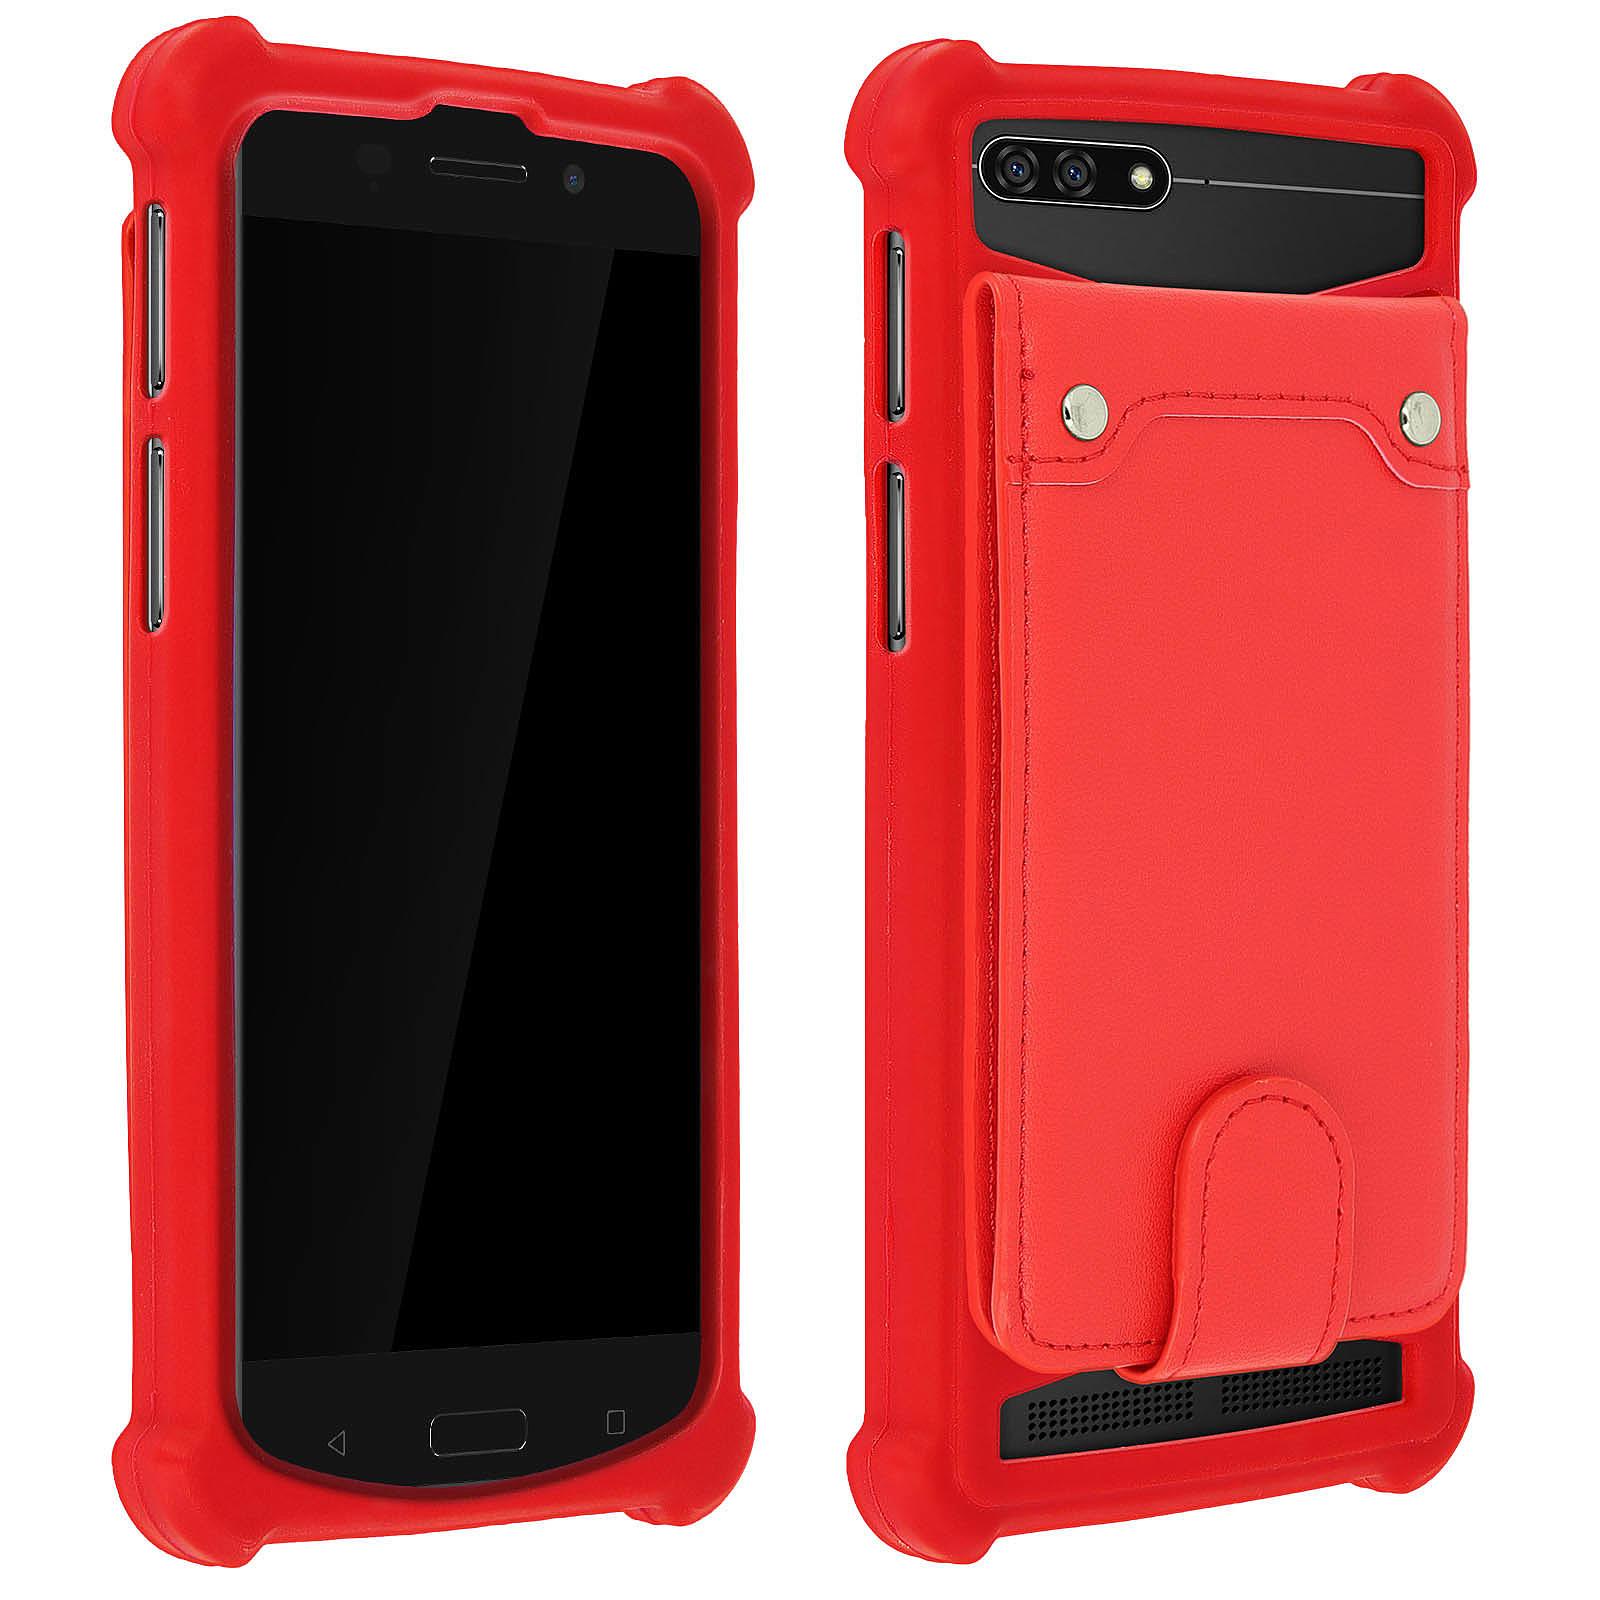 Avizar Coque Rouge pour Compatibles avec Smartphones de 4,7 à 5,0 pouces